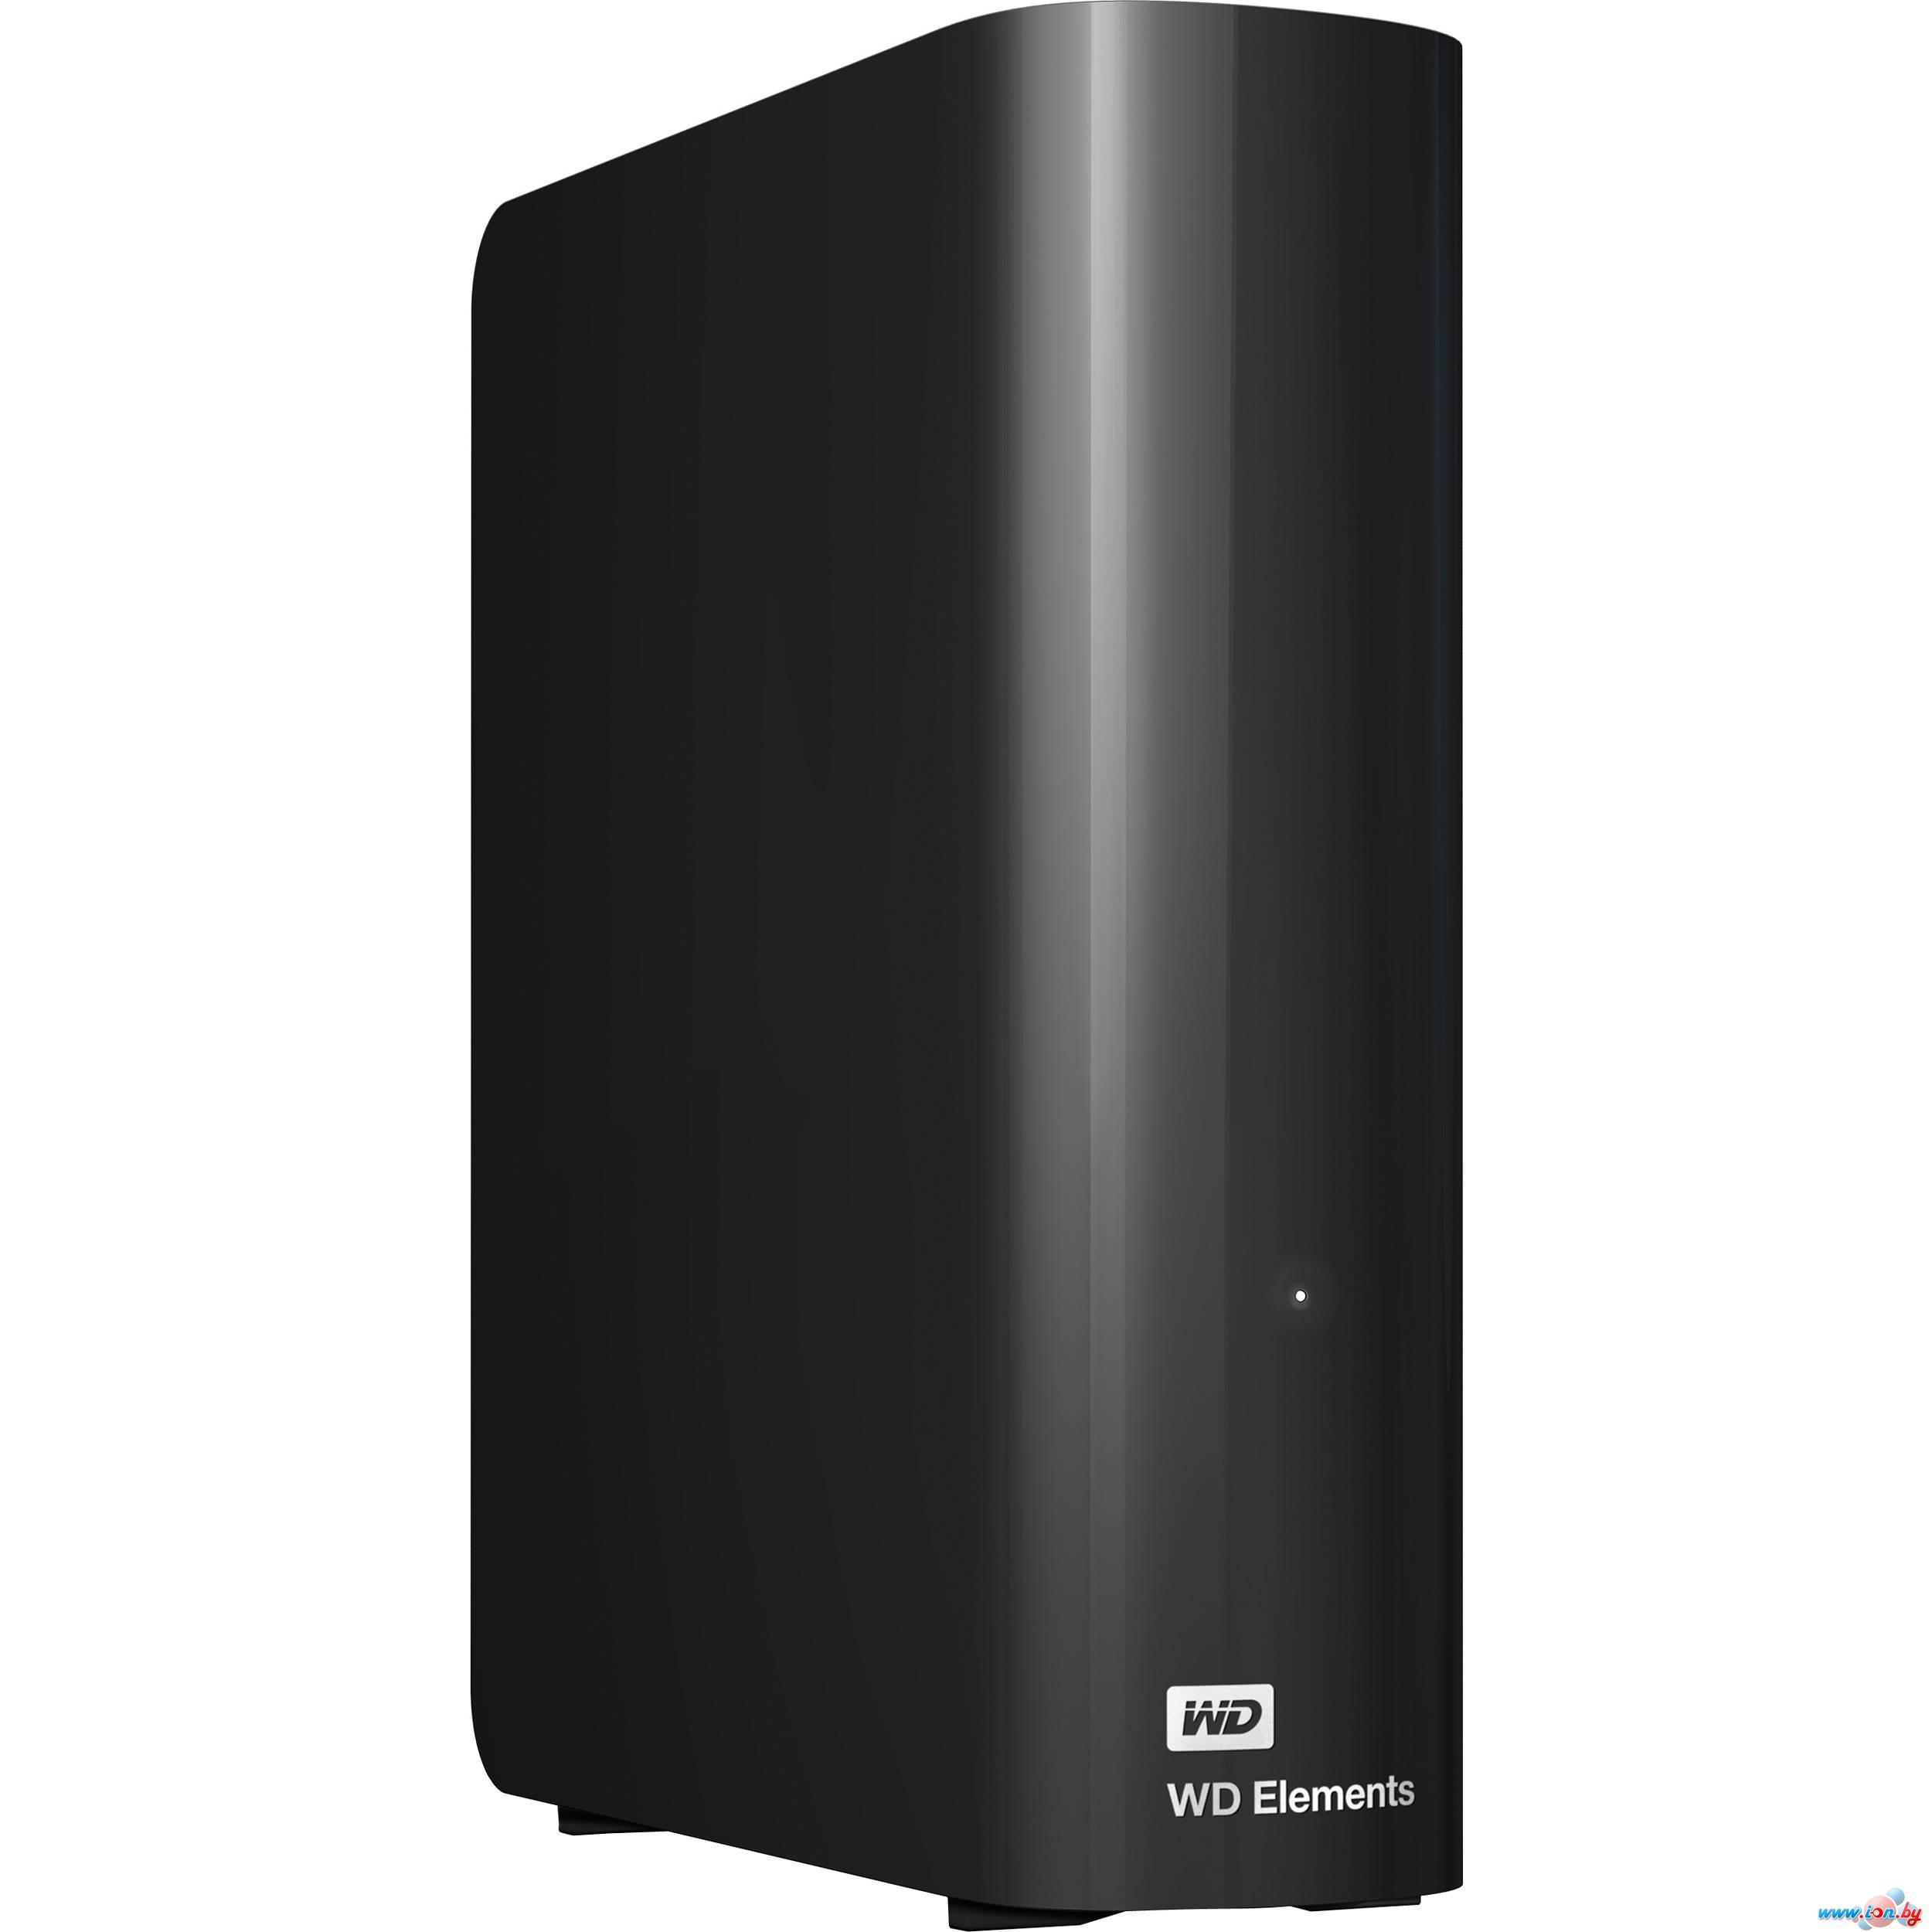 Внешний жесткий диск WD Elements Desktop 4TB (WDBWLG0040HBK) в Могилёве